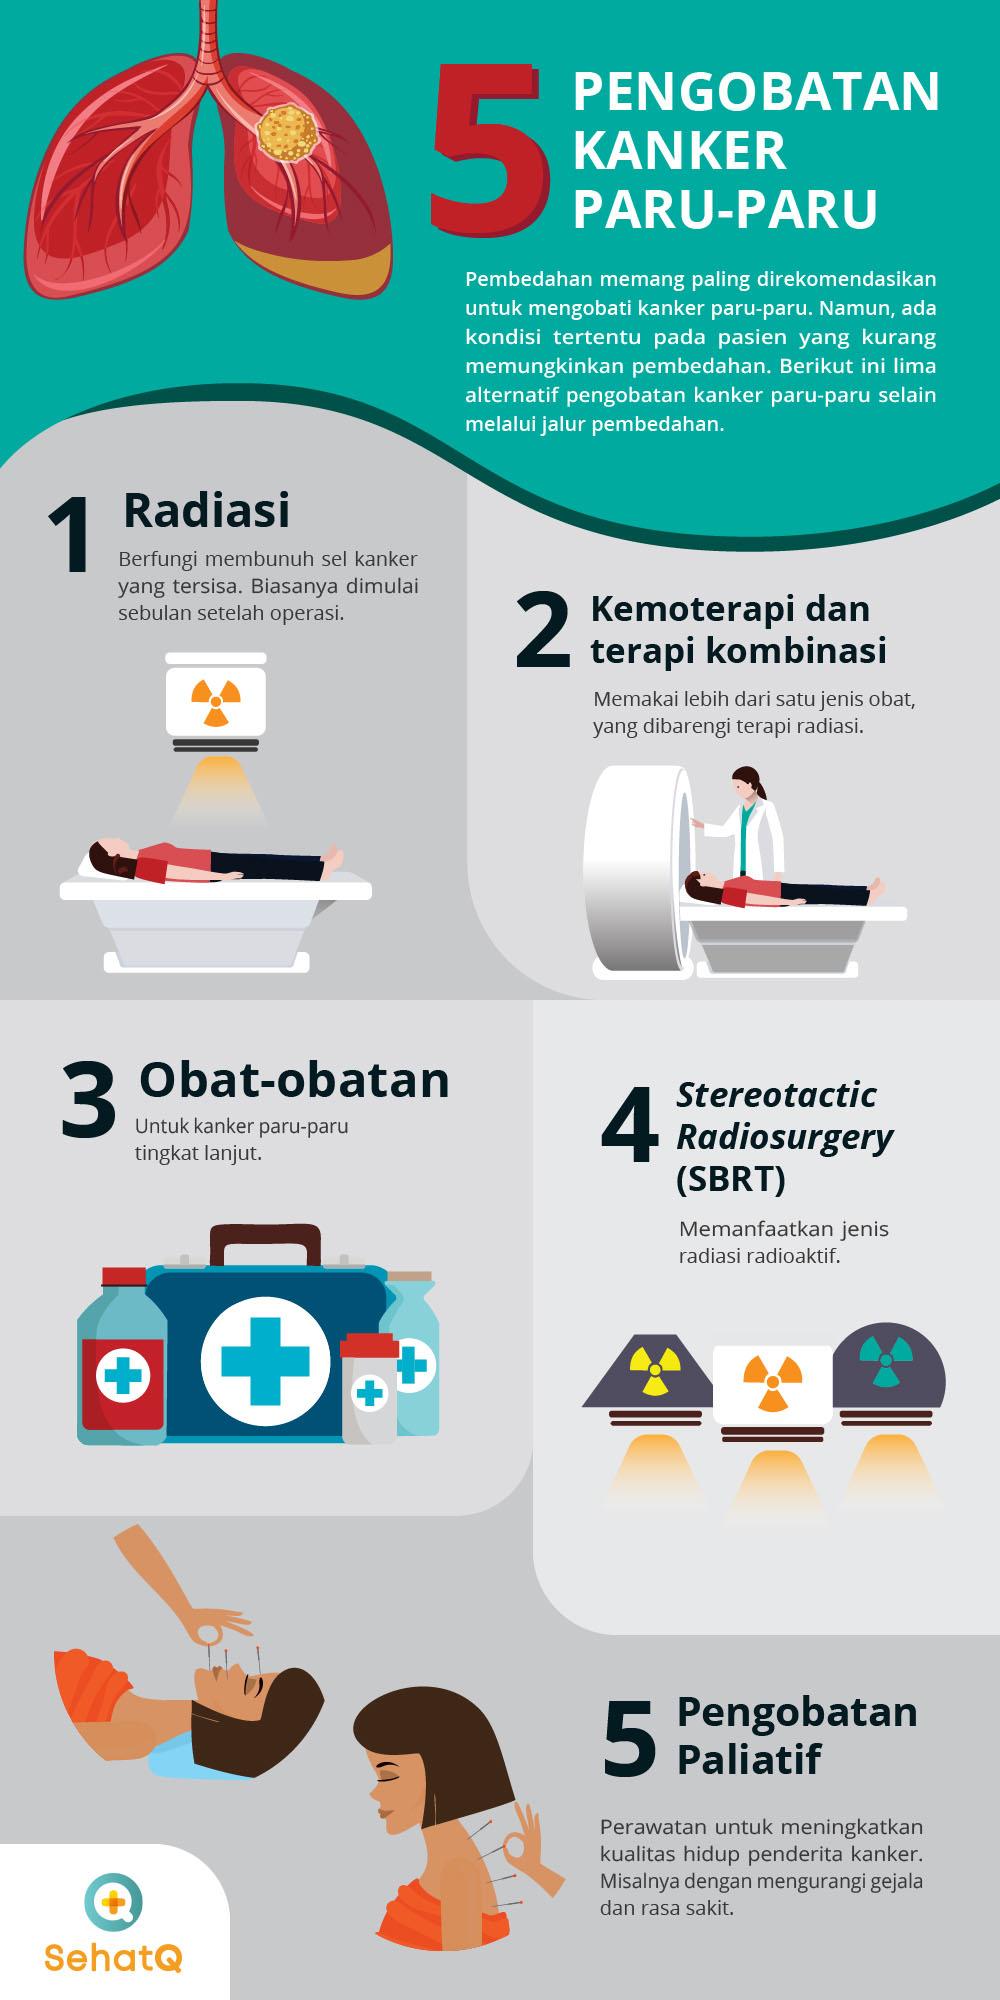 5 pengobatan kanker paru